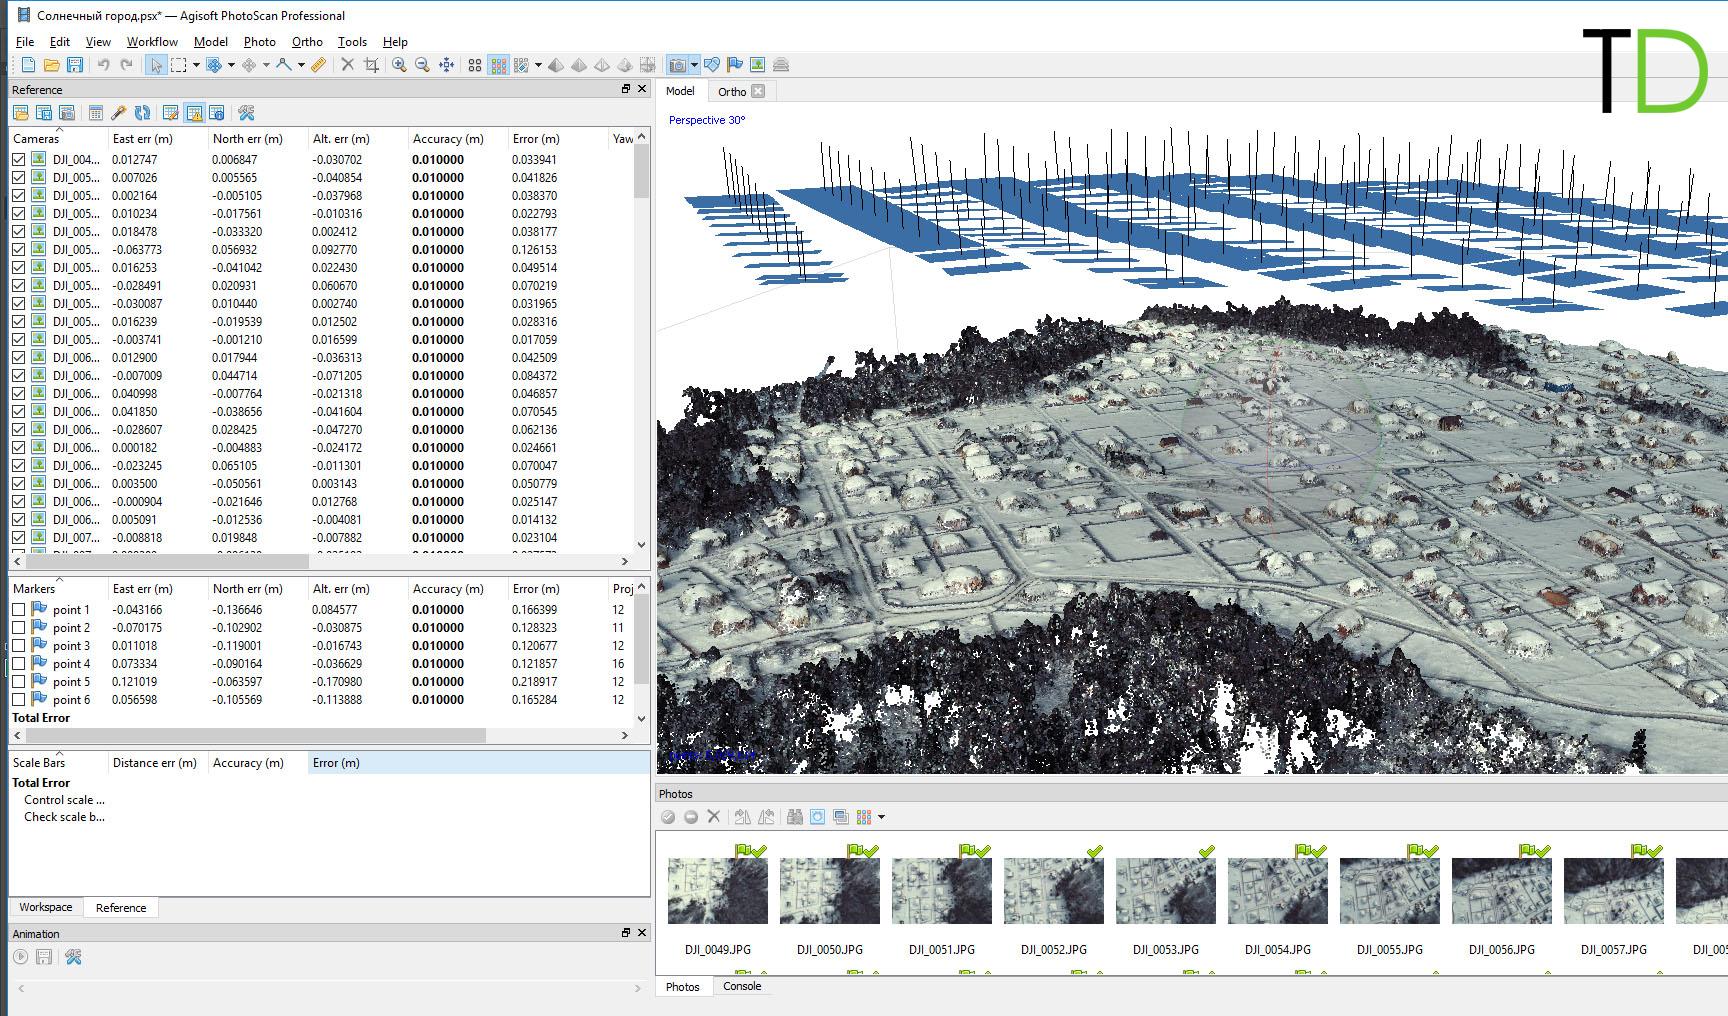 Применение перепиленных гражданских дронов для профессиональной геодезической аэрофотосъёмки местности - 7